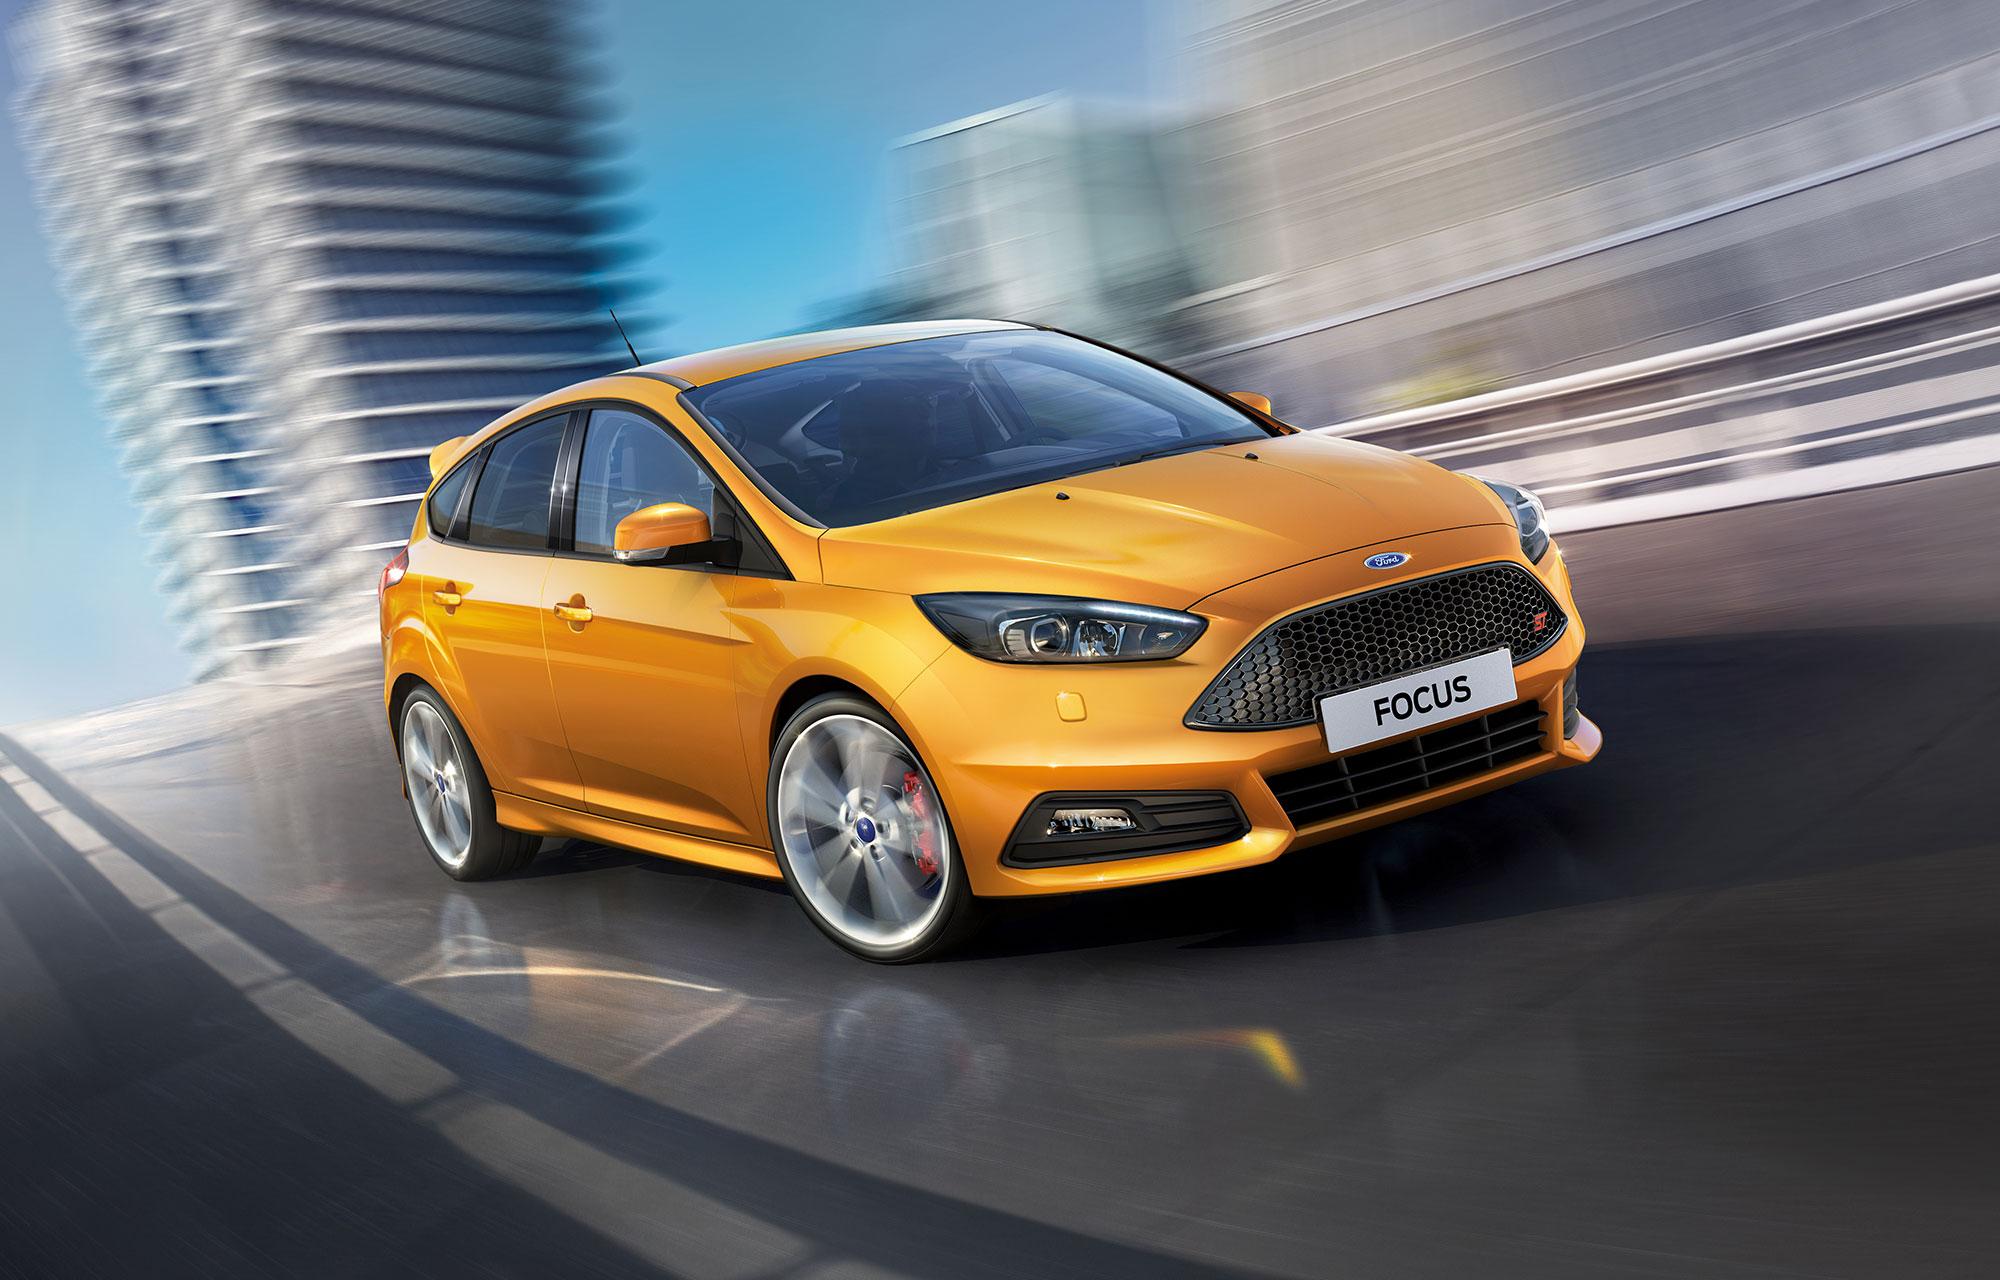 Ford Focus-car